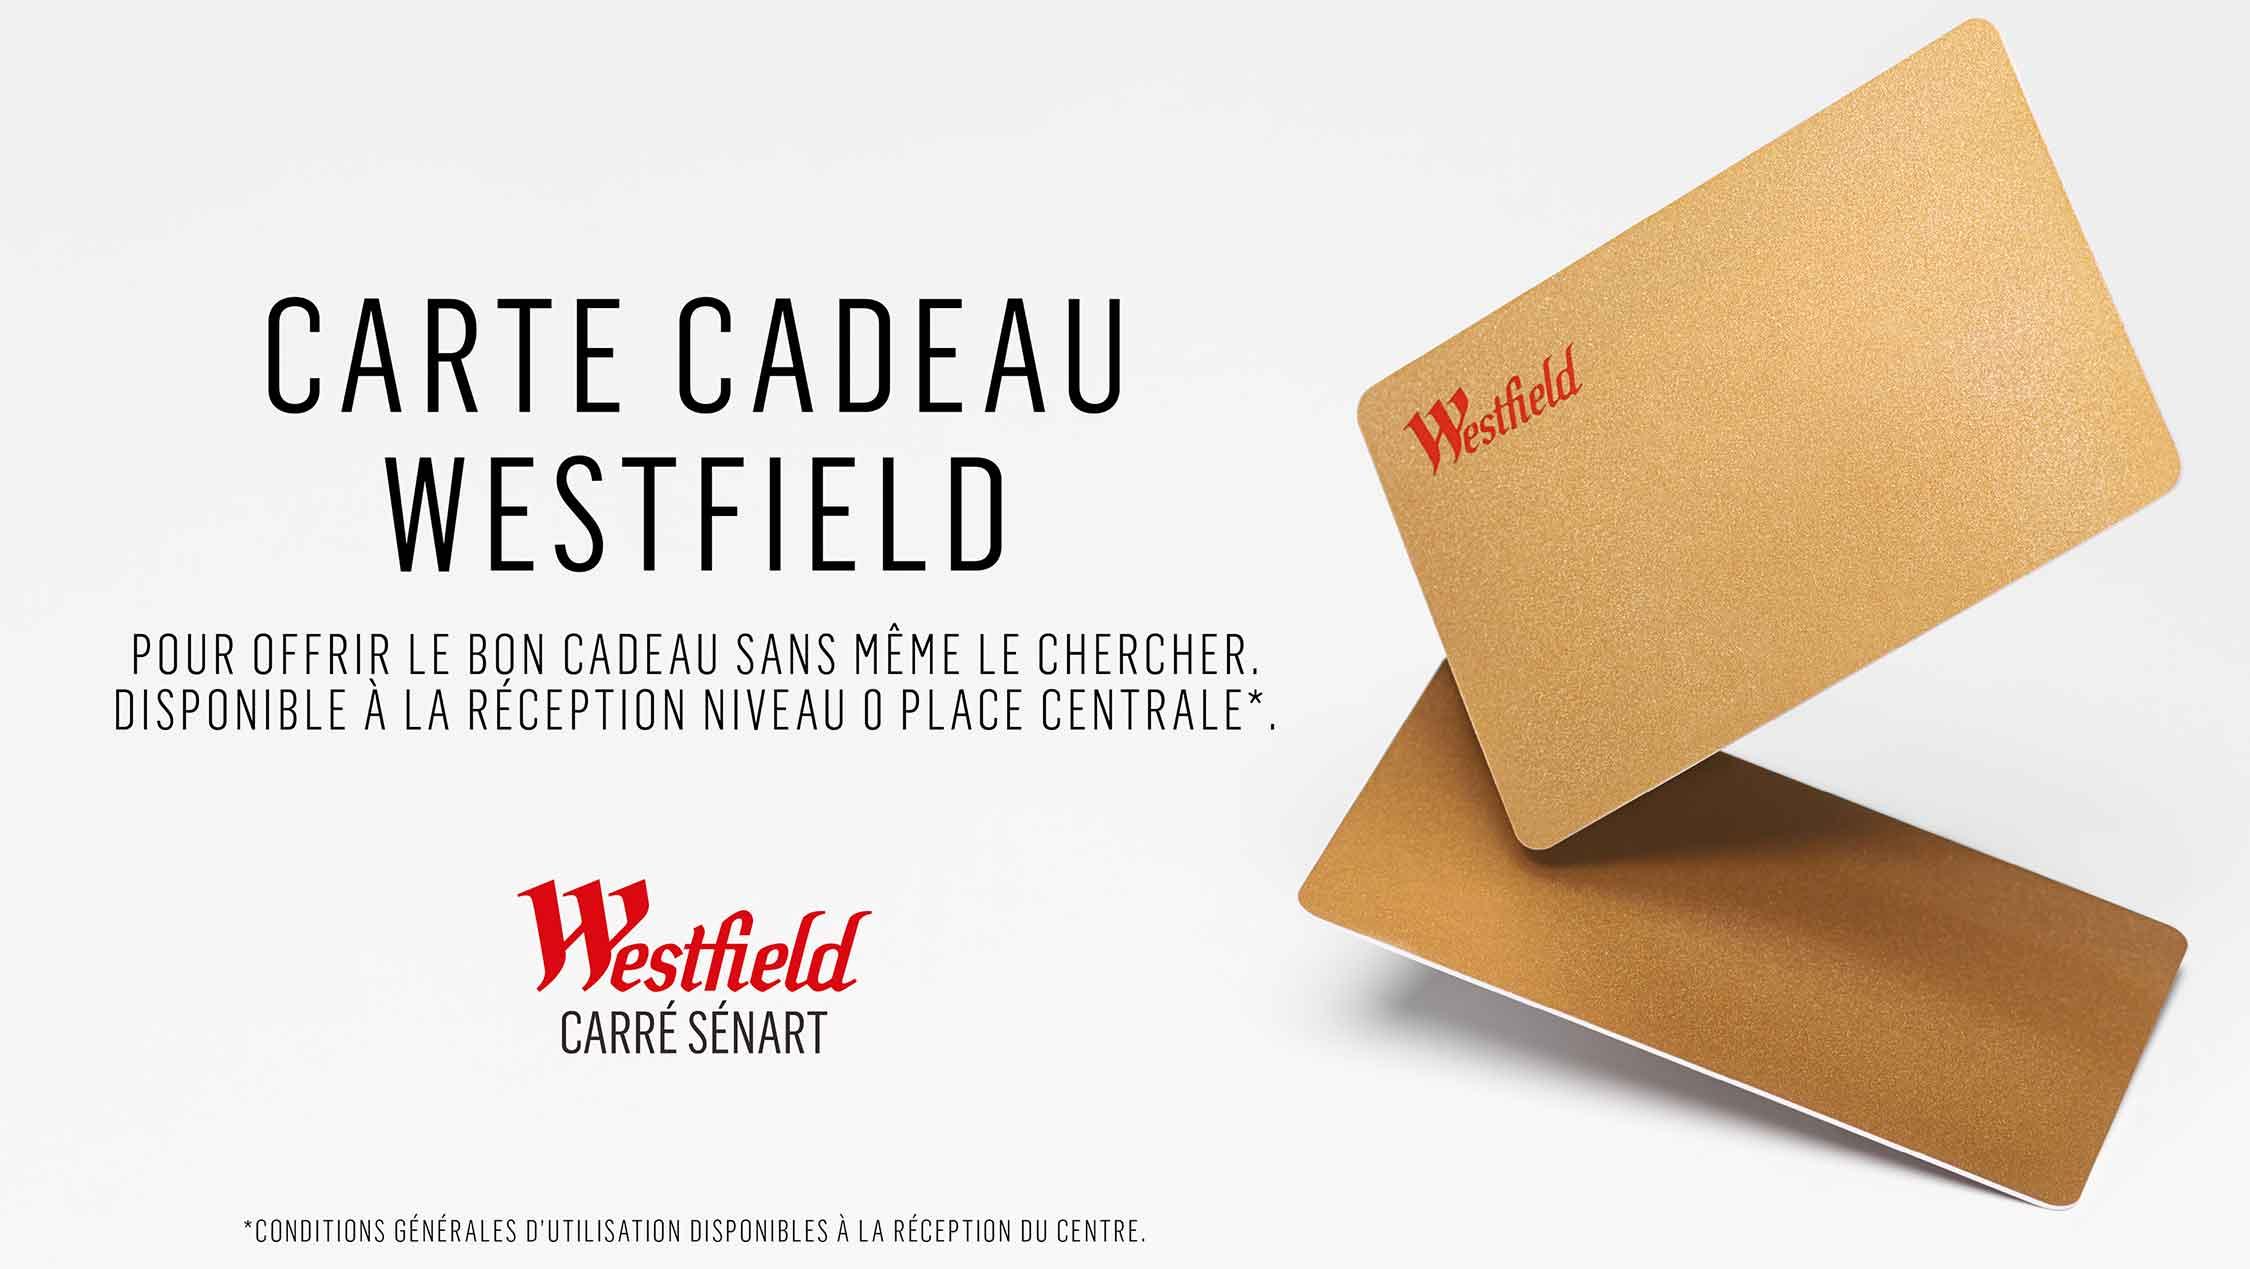 LA CARTE CADEAU WESTFIELD CARRE SENART